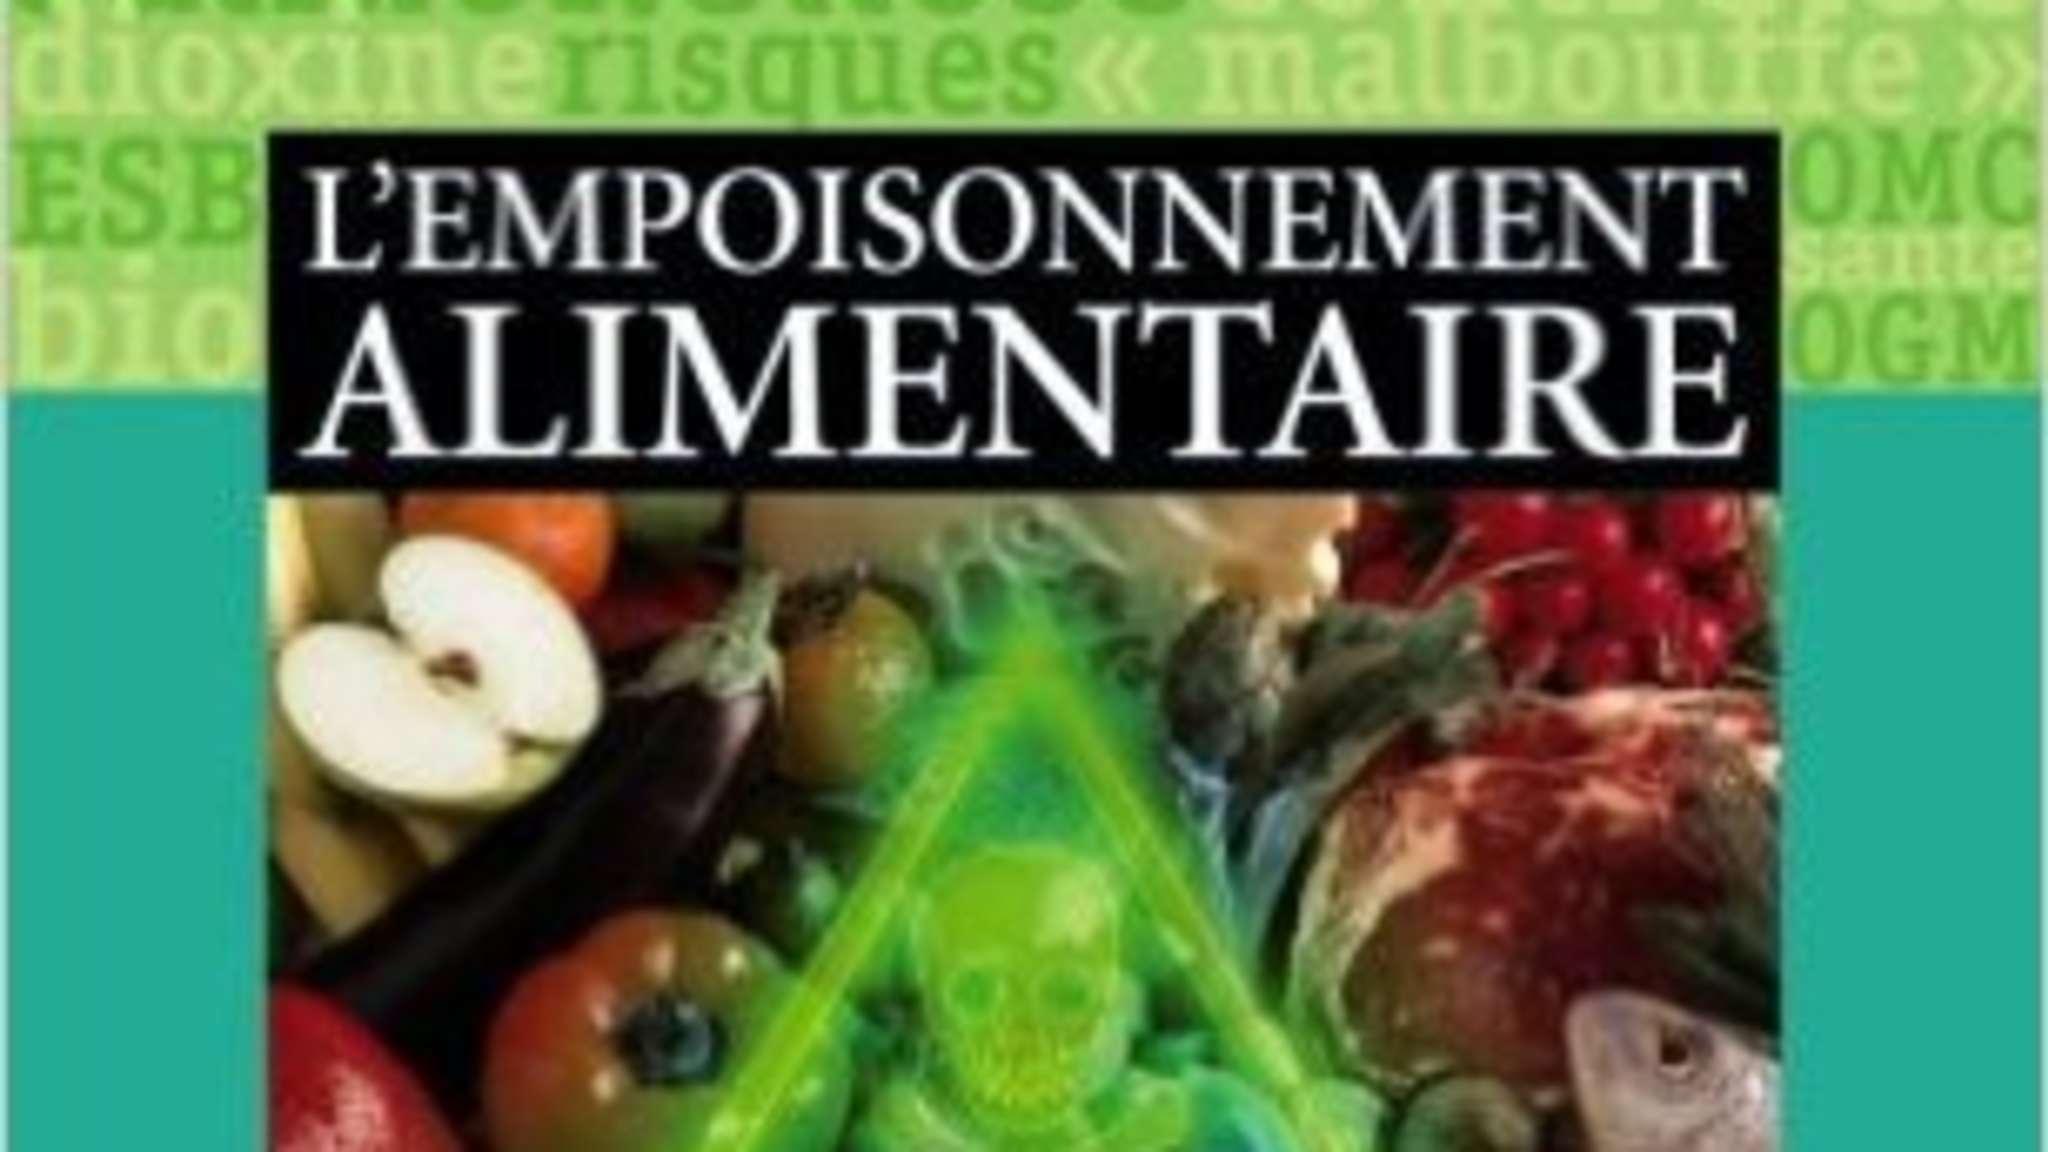 L'empoisonnement alimentaire